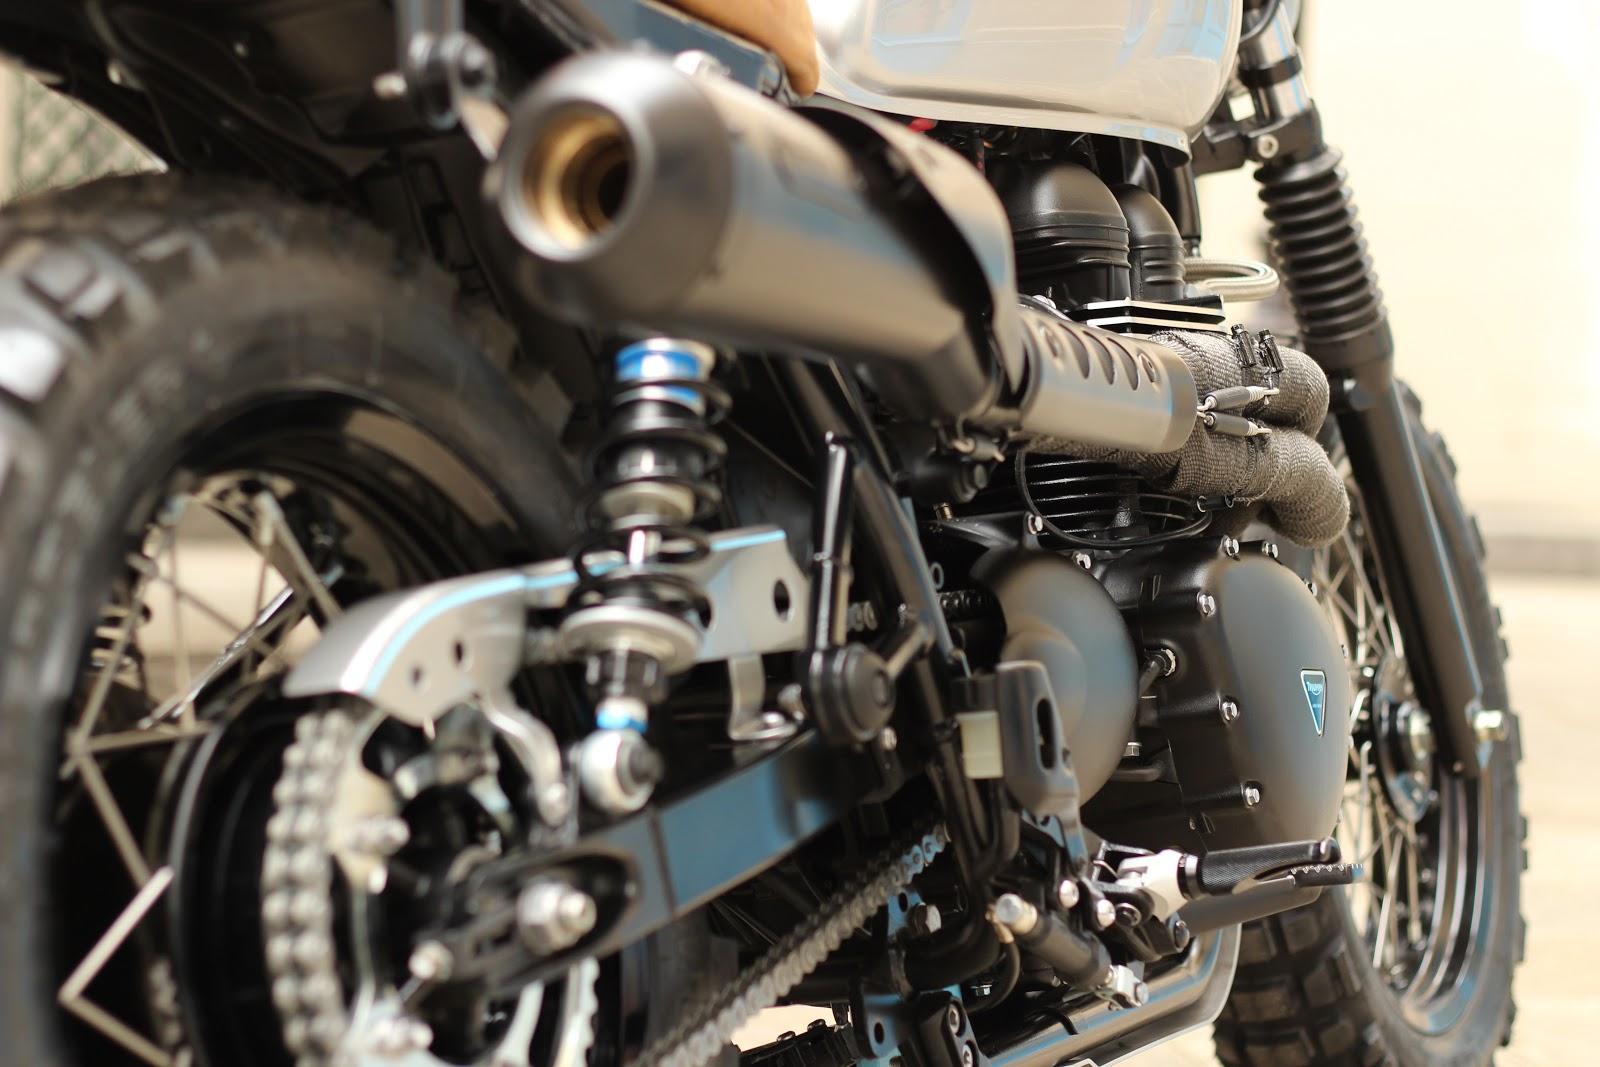 http://2.bp.blogspot.com/-pYlraX4NHO0/UPDmNkUQFvI/AAAAAAAAuTo/5Jsjp6uPVyQ/s1600/Triumph-Cafe-Racer-09.JPG